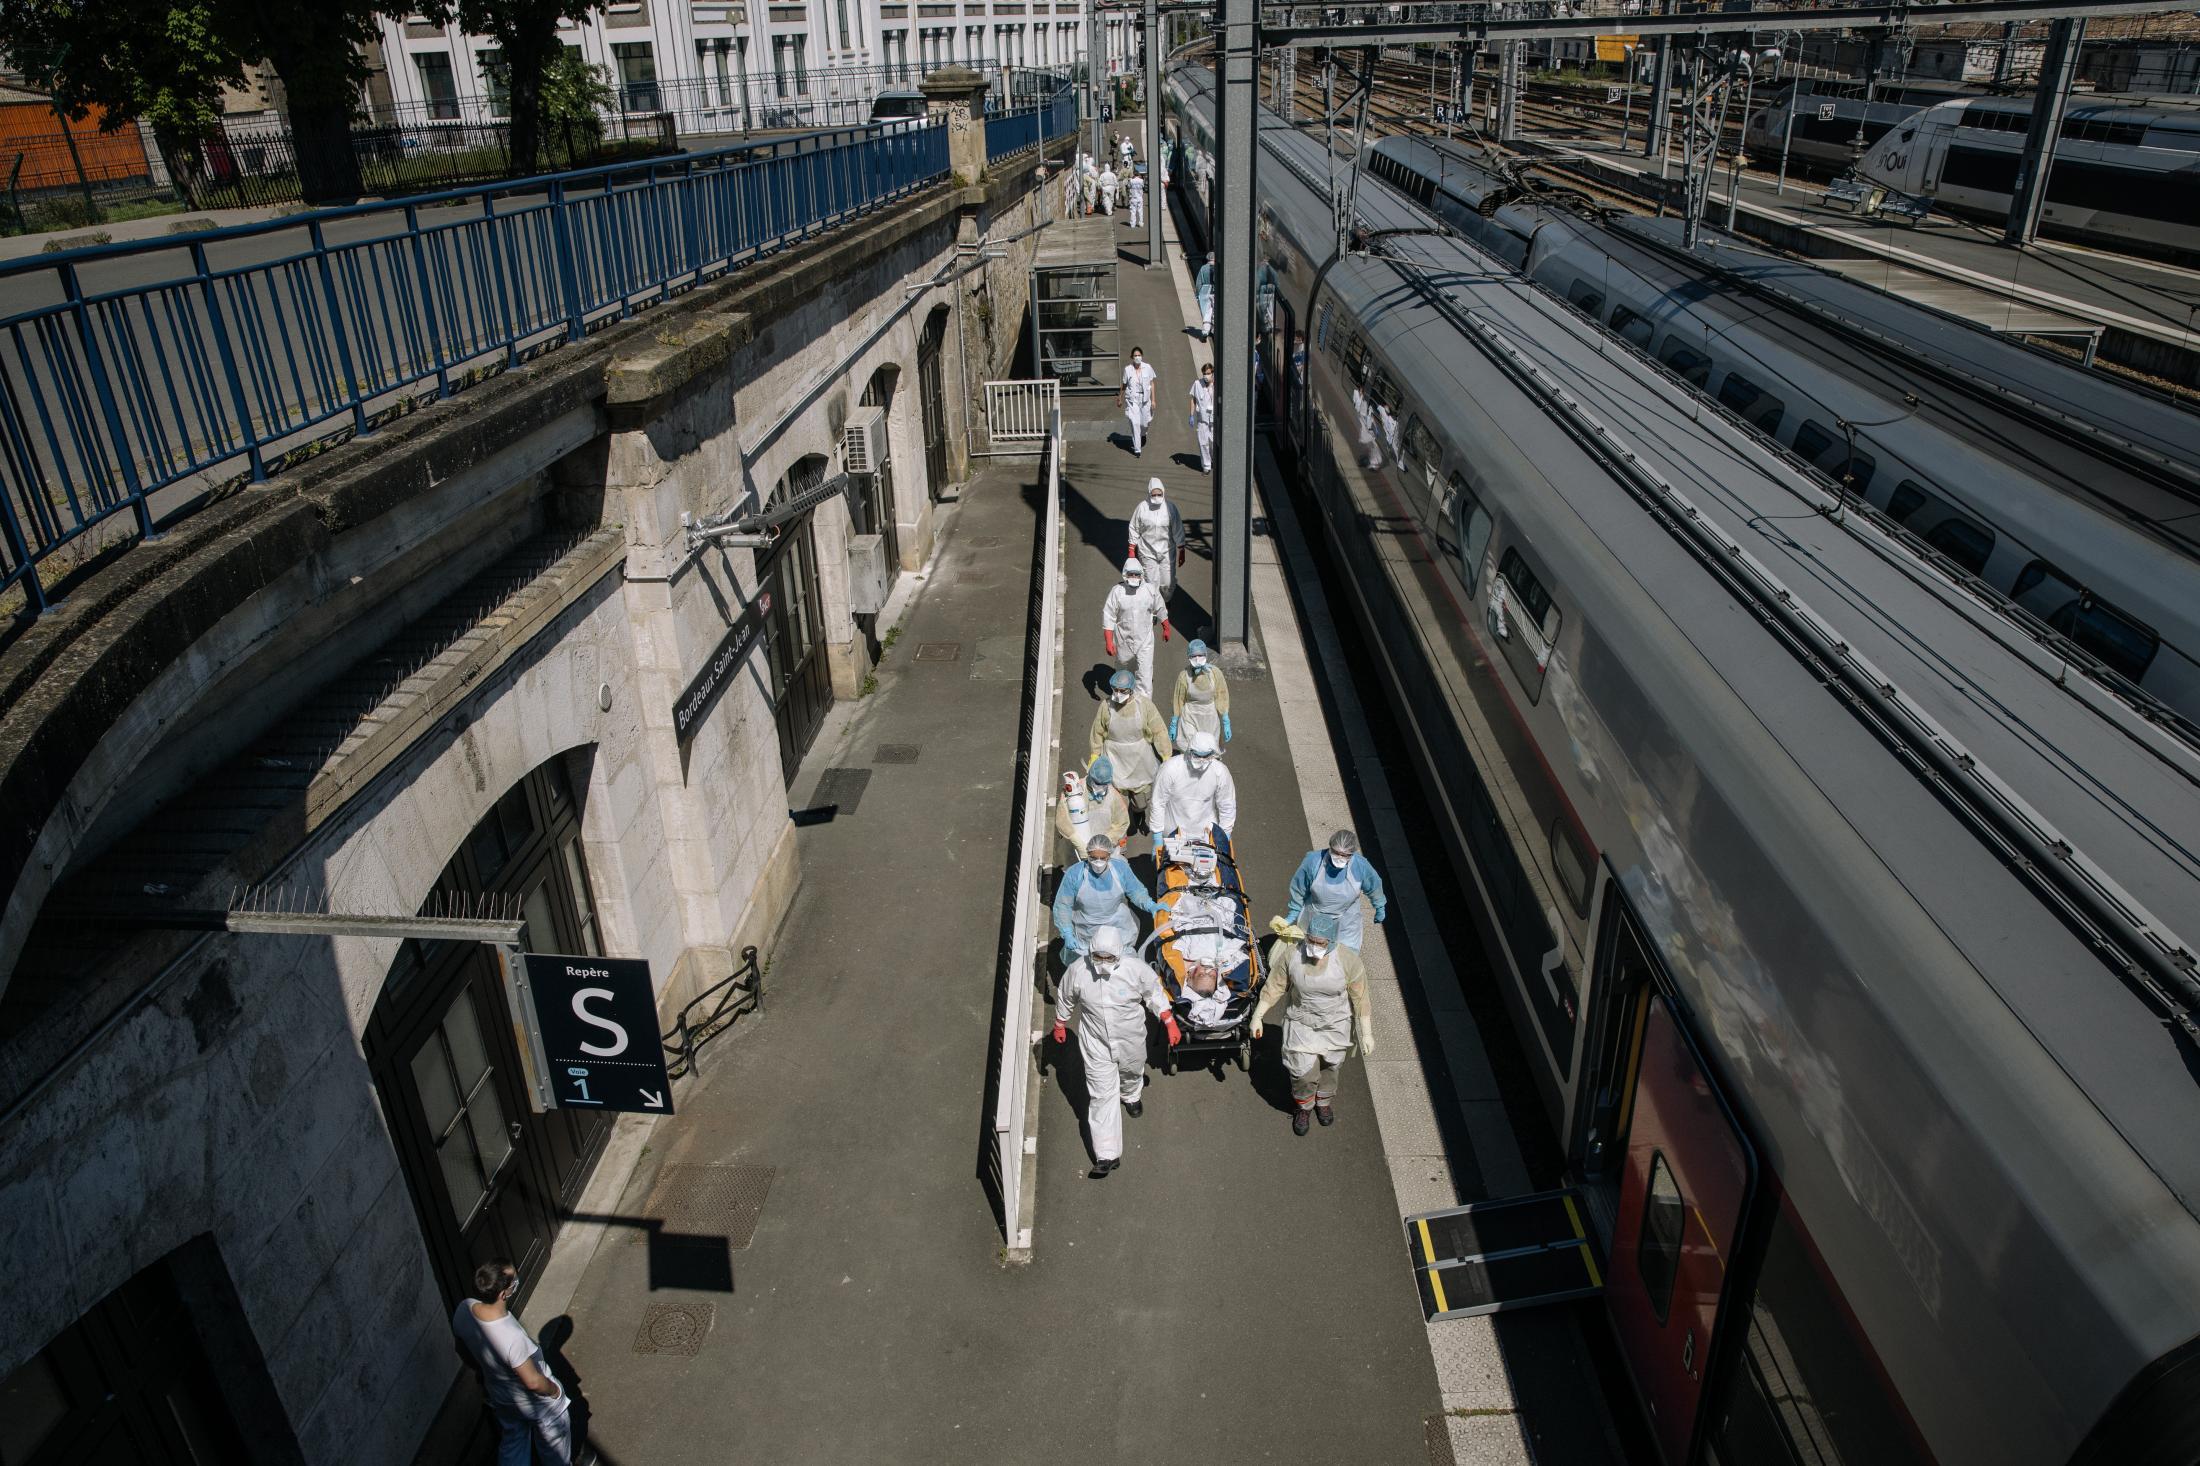 Opération Chardon. Le 10 avril 2020. En tout, 45 victimes du Covid_19 de toute l'île de France, sont transferées dans deux TGV en direction de Bordeaux et de Poitiers. L'objectif est de désengorger les hopitaux d'ïle de France saturés de patients en réa à cause du covid-19. L'opération est coordonnée par le SAMU. ( Et la SNCF). Arrivée du train à Bordeaux. Il faudra environ deux heures pour débarquer les 24 patients, qui seront transferrés dans des hopitaux de la région.